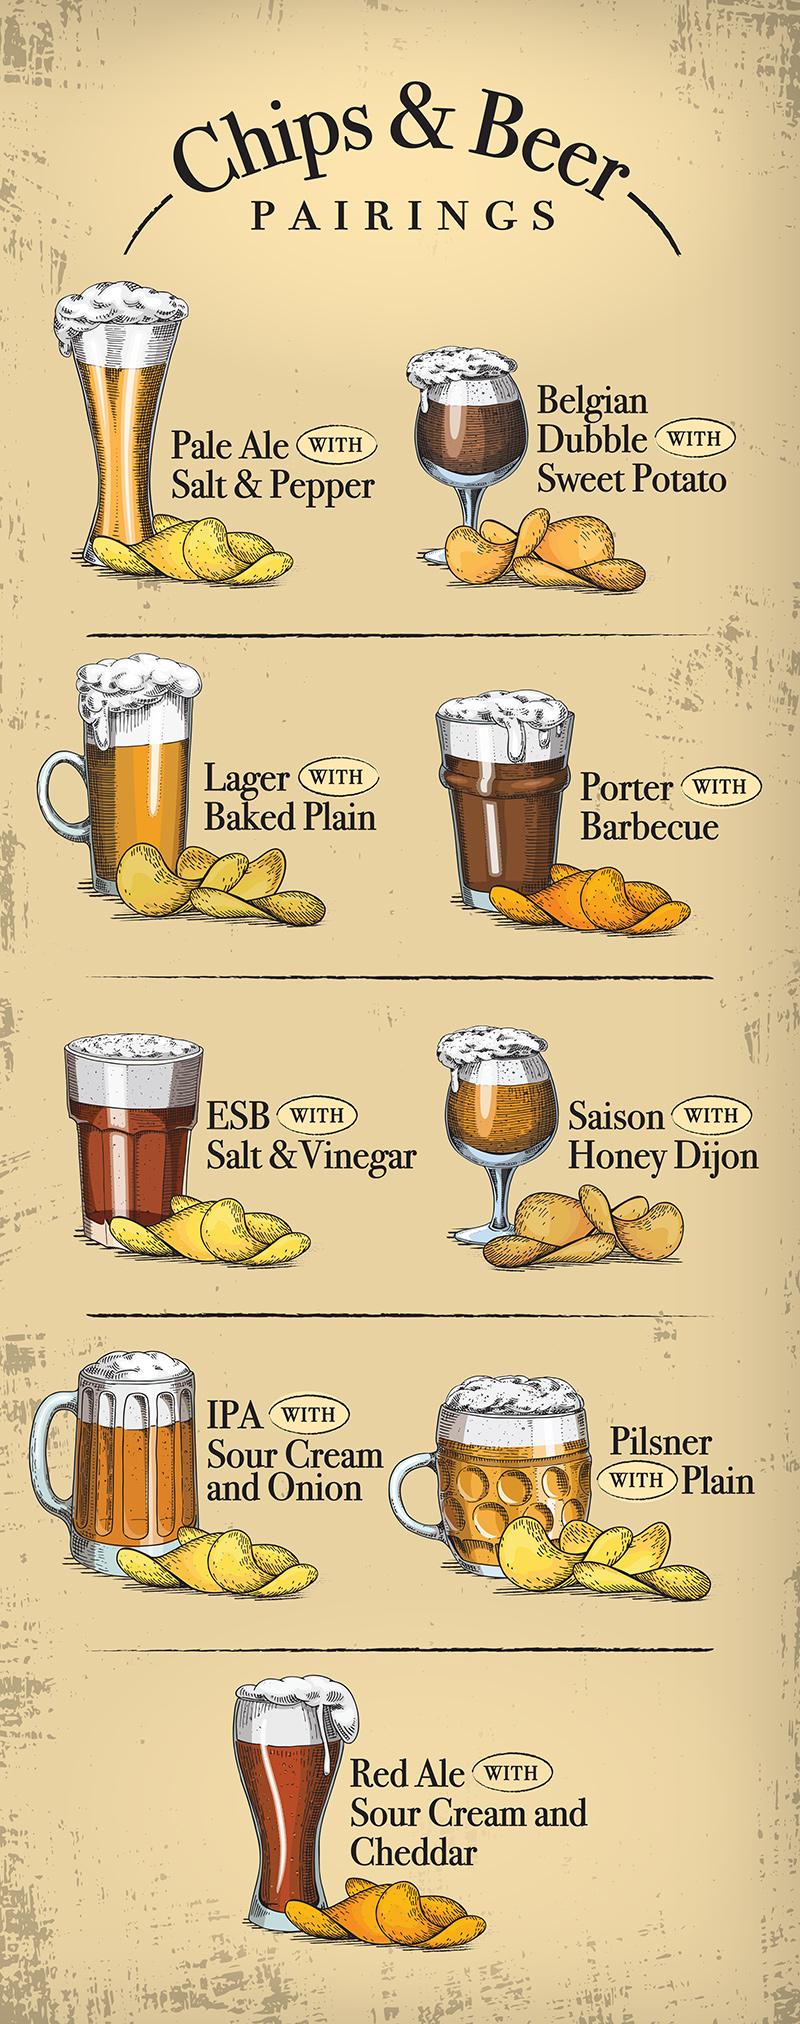 BeerAndChips-Infographic-EN